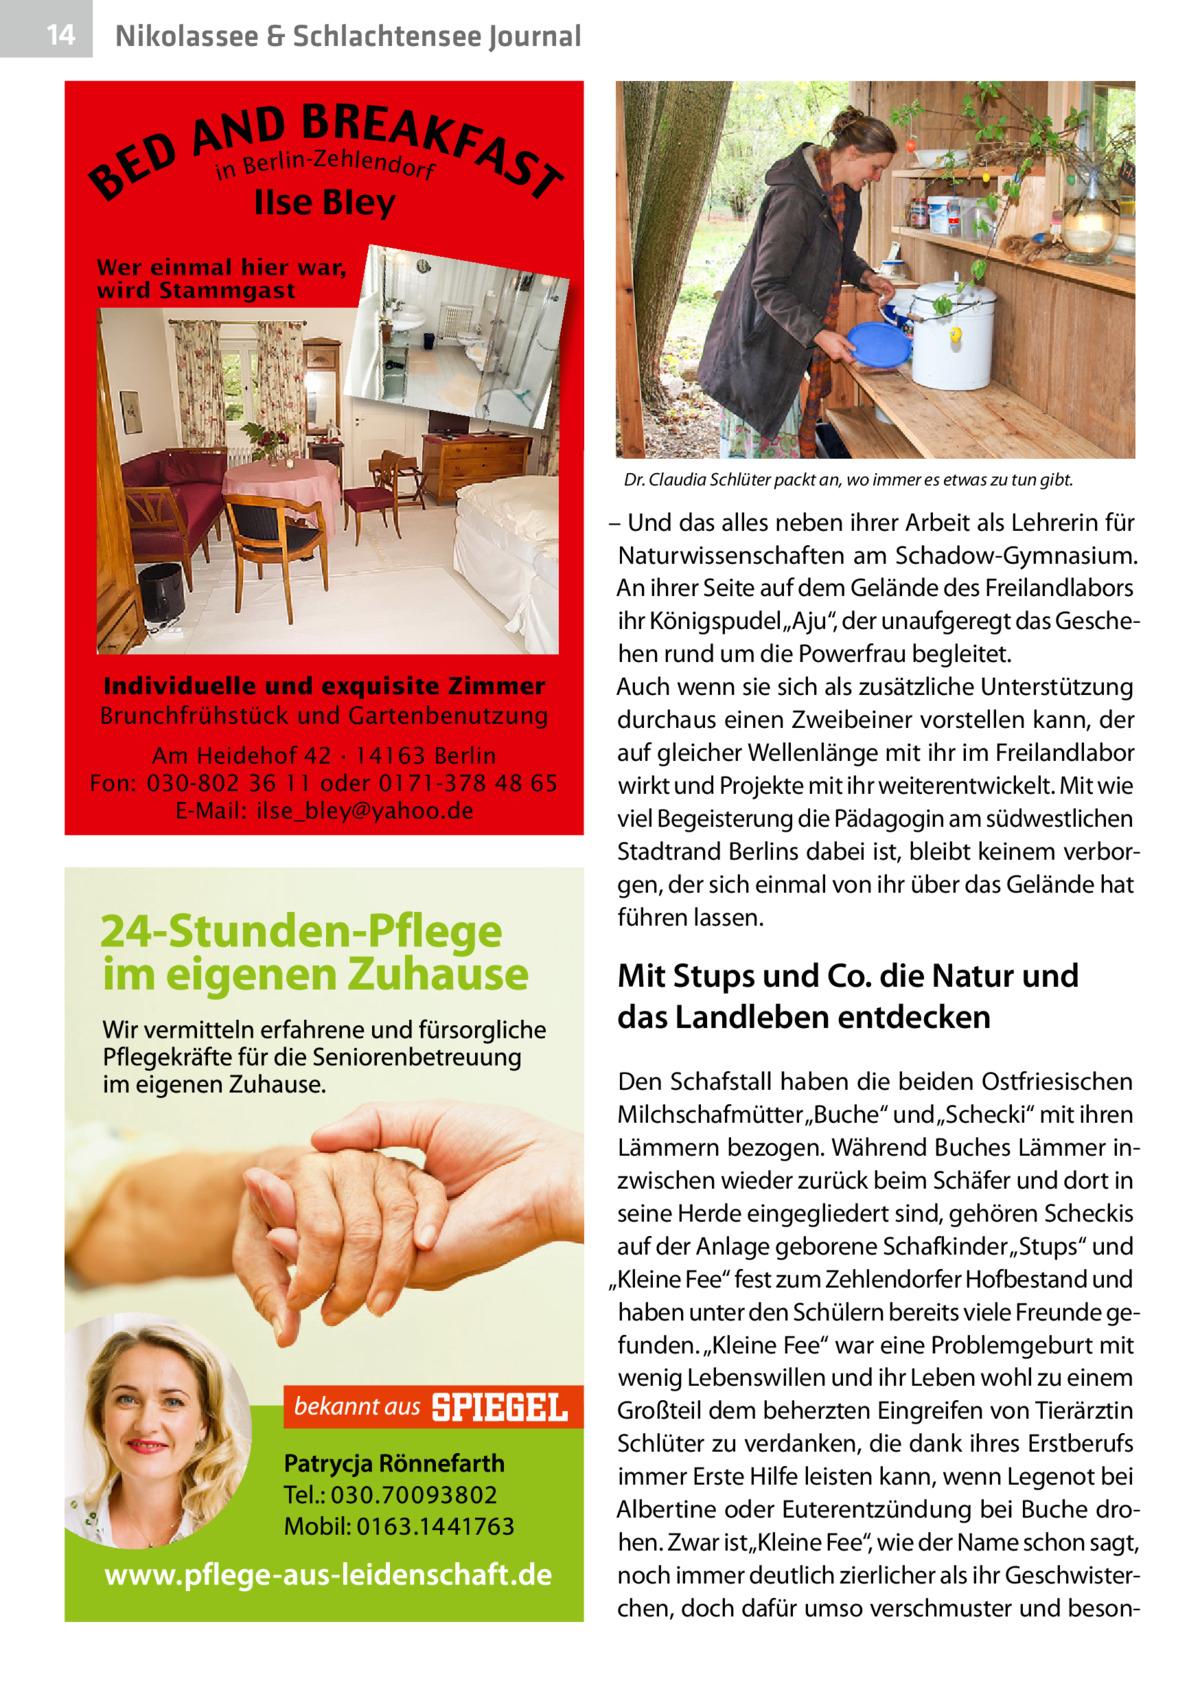 """14  Nikolassee & Schlachtensee Journal  B  B RE AKF AnNBD AS erlin-Zehlendorf D i E T Ilse Bley  Dr.Claudia Schlüter packt an, wo immer es etwas zu tun gibt.  Individuelle und exquisite Zimmer Brunchfrühstück und Gartenbenutzung Am Heidehof 42 · 14163 Berlin Fon: 030-802 36 11 oder 0171-378 48 65 E-Mail: ilse_bley@yahoo.de  – Und das alles neben ihrer Arbeit als Lehrerin für Naturwissenschaften am Schadow-Gymnasium. An ihrer Seite auf dem Gelände des Freilandlabors ihr Königspudel """"Aju"""", der unaufgeregt das Geschehen rund um die Powerfrau begleitet. Auch wenn sie sich als zusätzliche Unterstützung durchaus einen Zweibeiner vorstellen kann, der auf gleicher Wellenlänge mit ihr im Freilandlabor wirkt und Projekte mit ihr weiterentwickelt. Mit wie viel Begeisterung die Pädagogin am südwestlichen Stadtrand Berlins dabei ist, bleibt keinem verborgen, der sich einmal von ihr über das Gelände hat führen lassen.  Mit Stups und Co. die Natur und das Landleben entdecken Den Schafstall haben die beiden Ostfriesischen Milchschafmütter """"Buche"""" und """"Schecki"""" mit ihren Lämmern bezogen. Während Buches Lämmer inzwischen wieder zurück beim Schäfer und dort in seine Herde eingegliedert sind, gehören Scheckis auf der Anlage geborene Schafkinder """"Stups"""" und """"Kleine Fee"""" fest zum Zehlendorfer Hofbestand und haben unter den Schülern bereits viele Freunde gefunden. """"Kleine Fee"""" war eine Problemgeburt mit wenig Lebenswillen und ihr Leben wohl zu einem Großteil dem beherzten Eingreifen von Tierärztin Schlüter zu verdanken, die dank ihres Erstberufs immer Erste Hilfe leisten kann, wenn Legenot bei Albertine oder Euterentzündung bei Buche drohen. Zwar ist """"Kleine Fee"""", wie der Name schon sagt, noch immer deutlich zierlicher als ihr Geschwisterchen, doch dafür umso verschmuster und beso"""